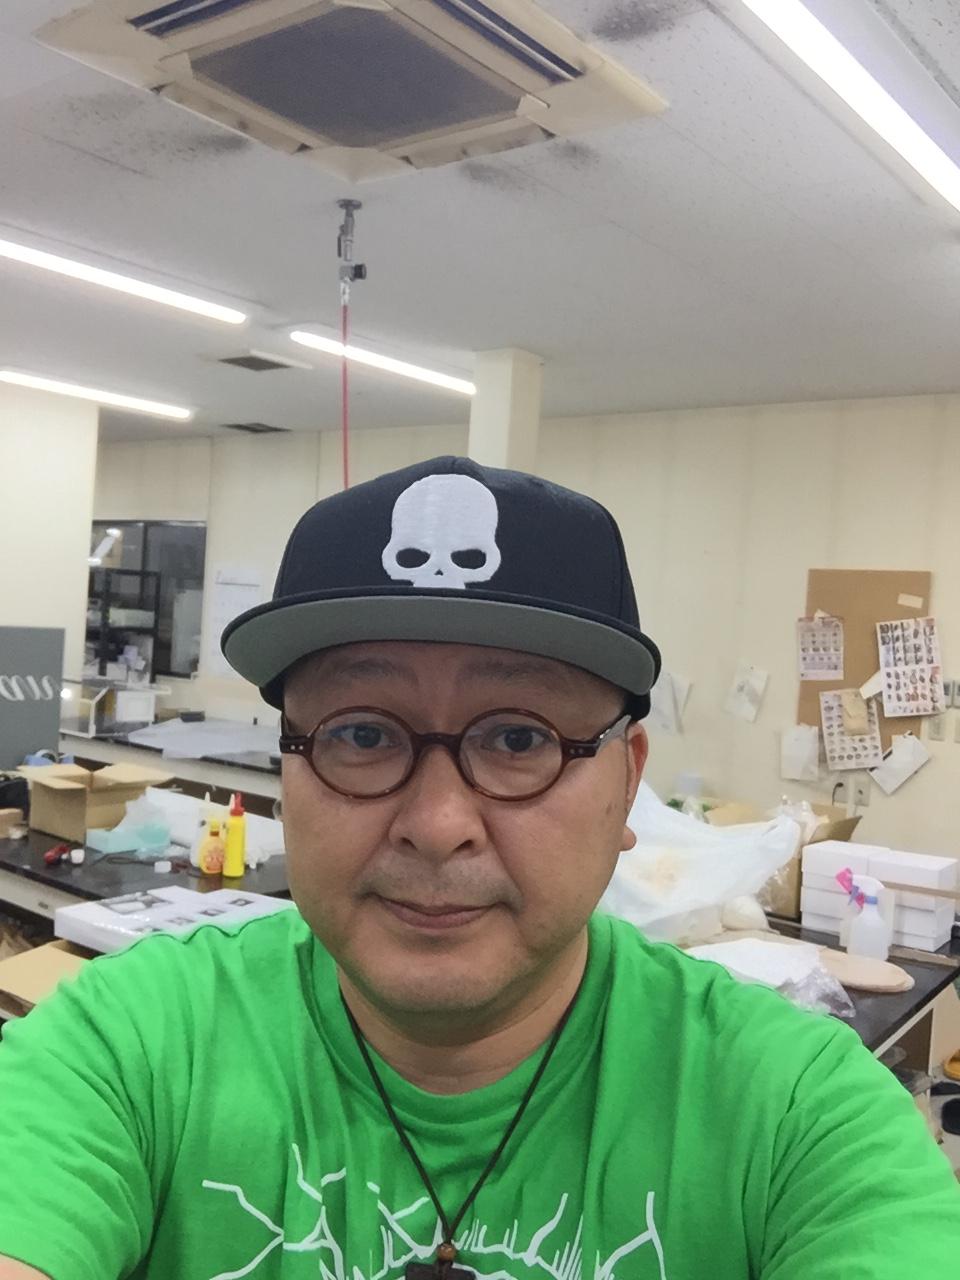 KMPさんにもらった帽子